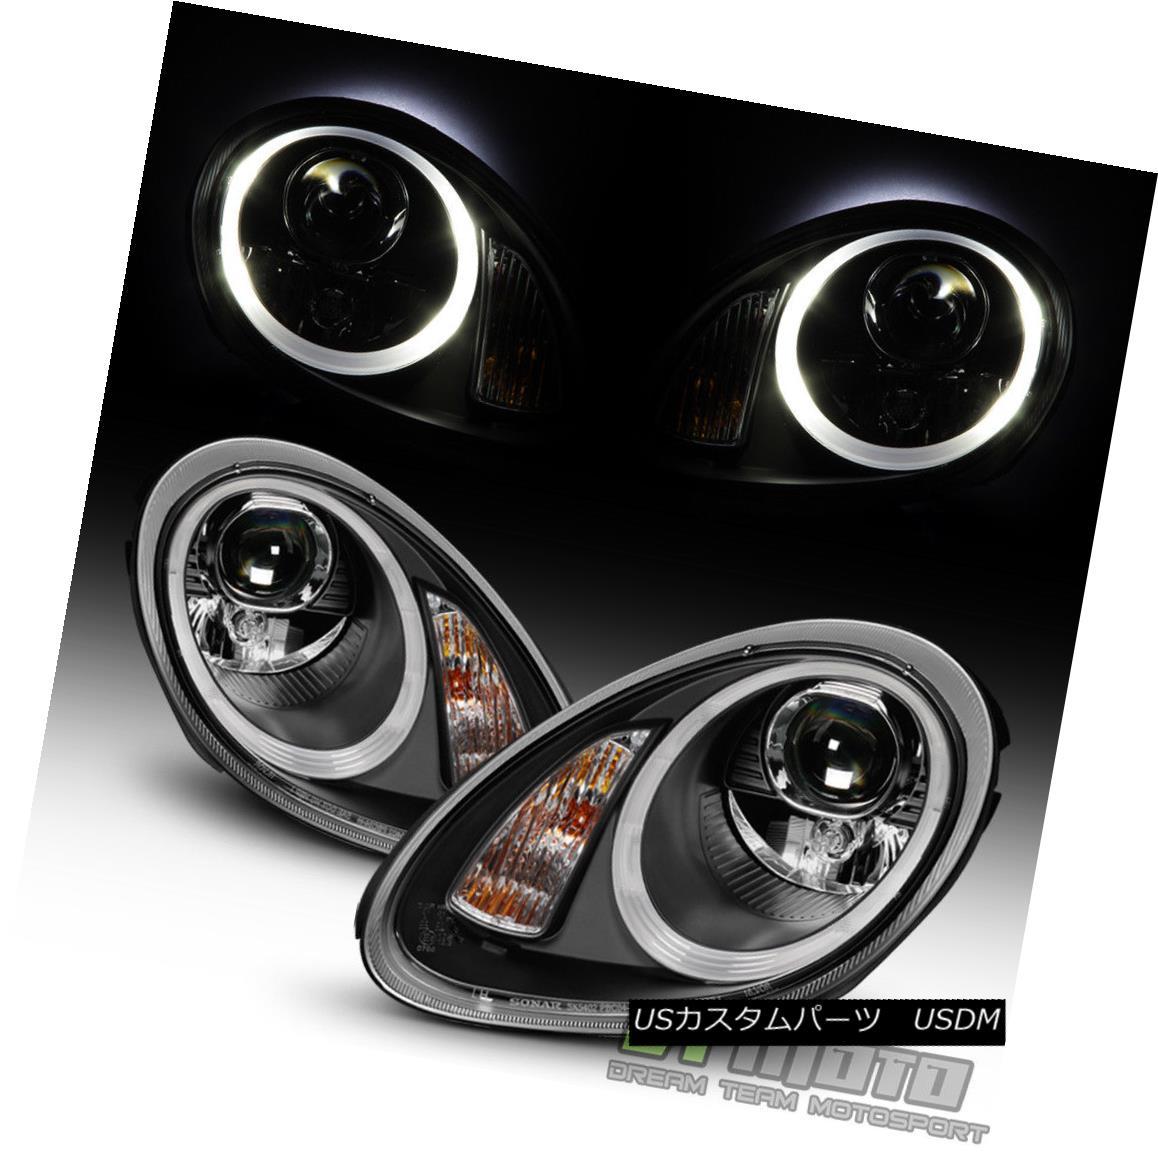 ヘッドライト Black 2005-2008 Porsche Boxster 987 Cayman HID Type LED DRL Projector Headlights ブラック2005-2008ポルシェボクスター987ケイマンHIDタイプLED DRLプロジェクターヘッドライト